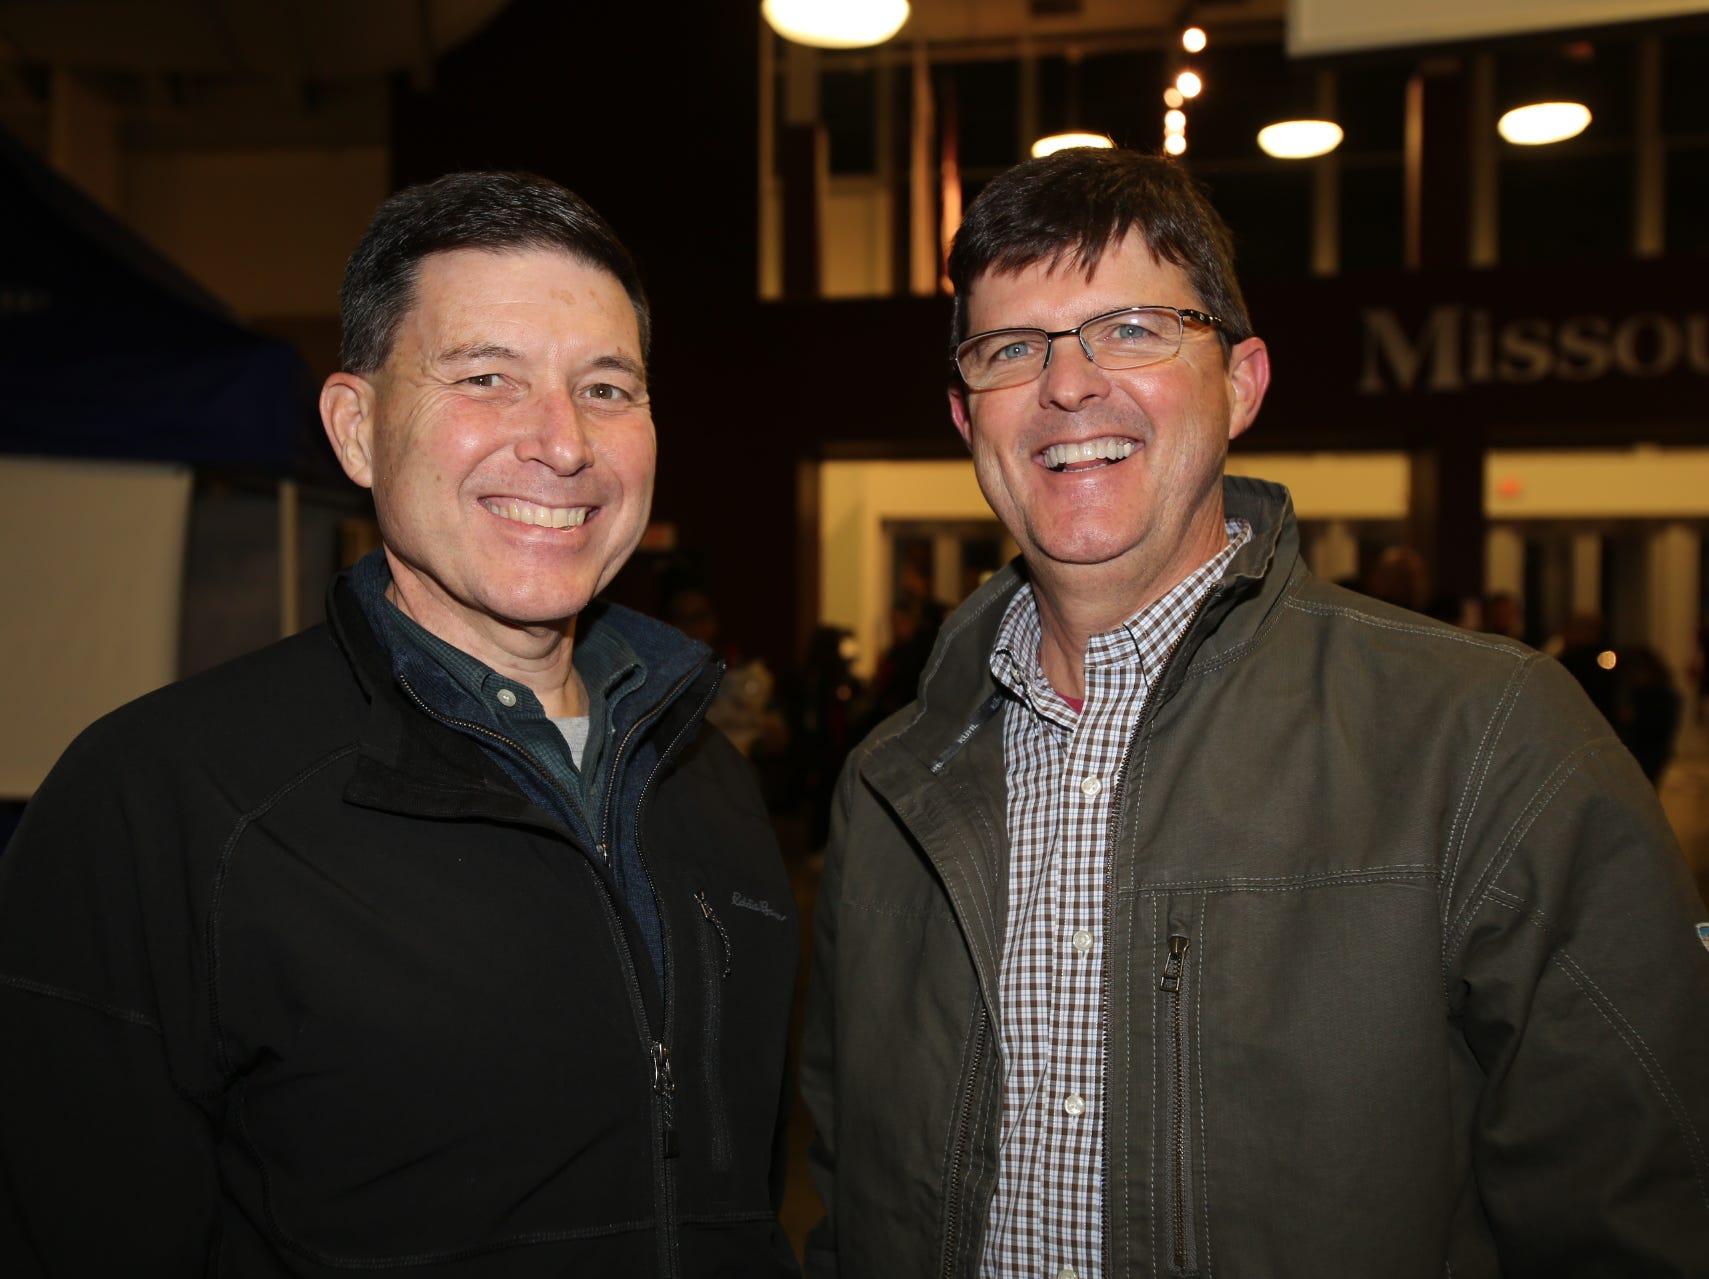 Tim Reese and Derek Slinker